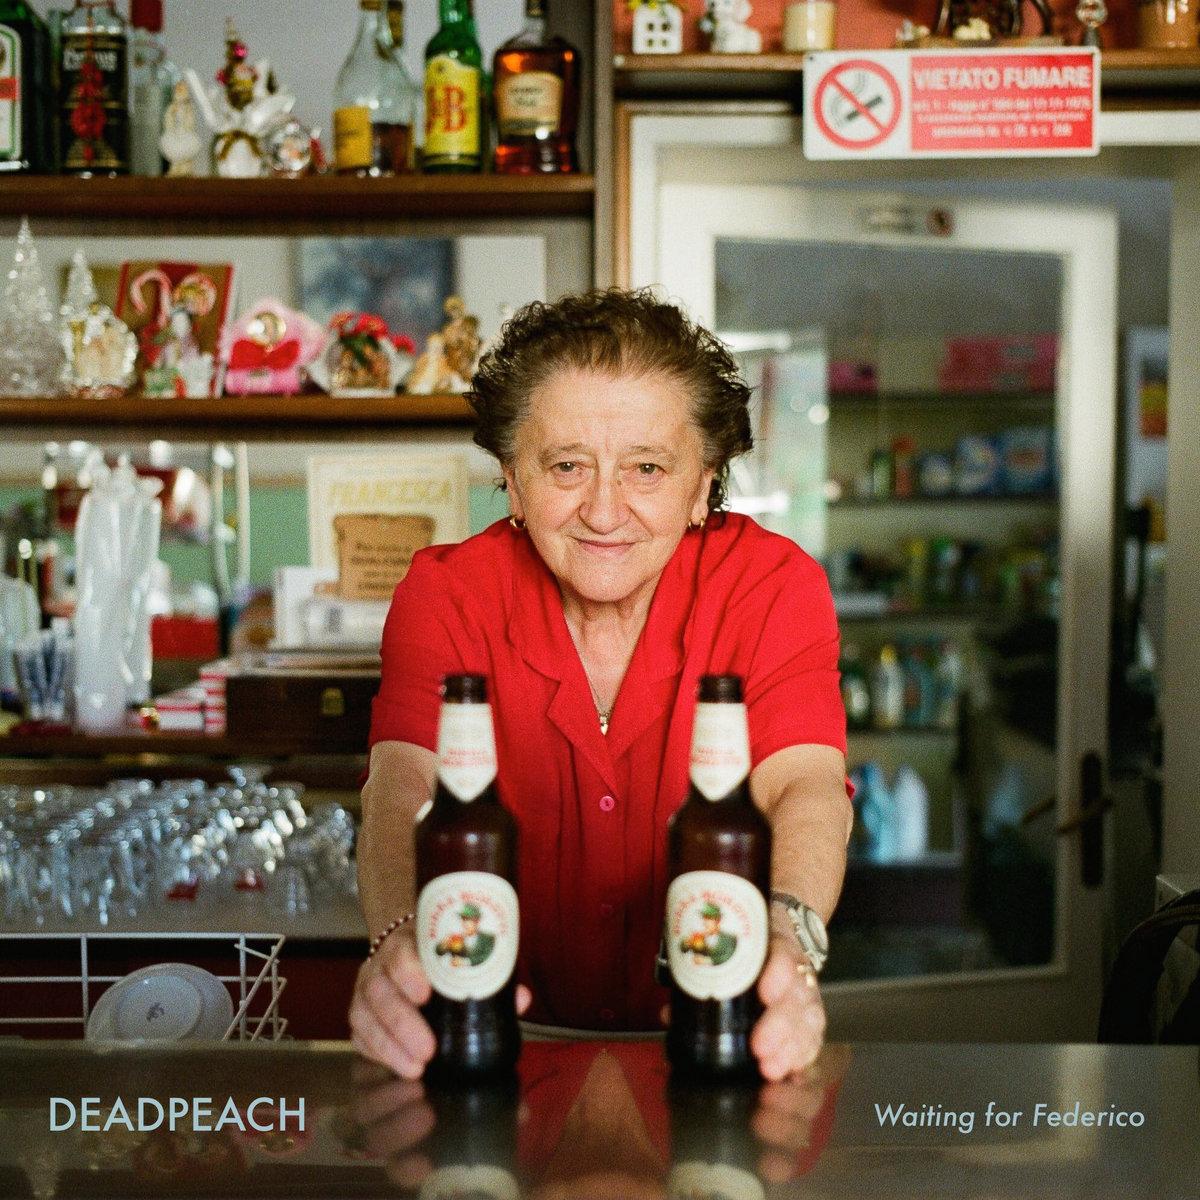 deadpeach waiting for federico